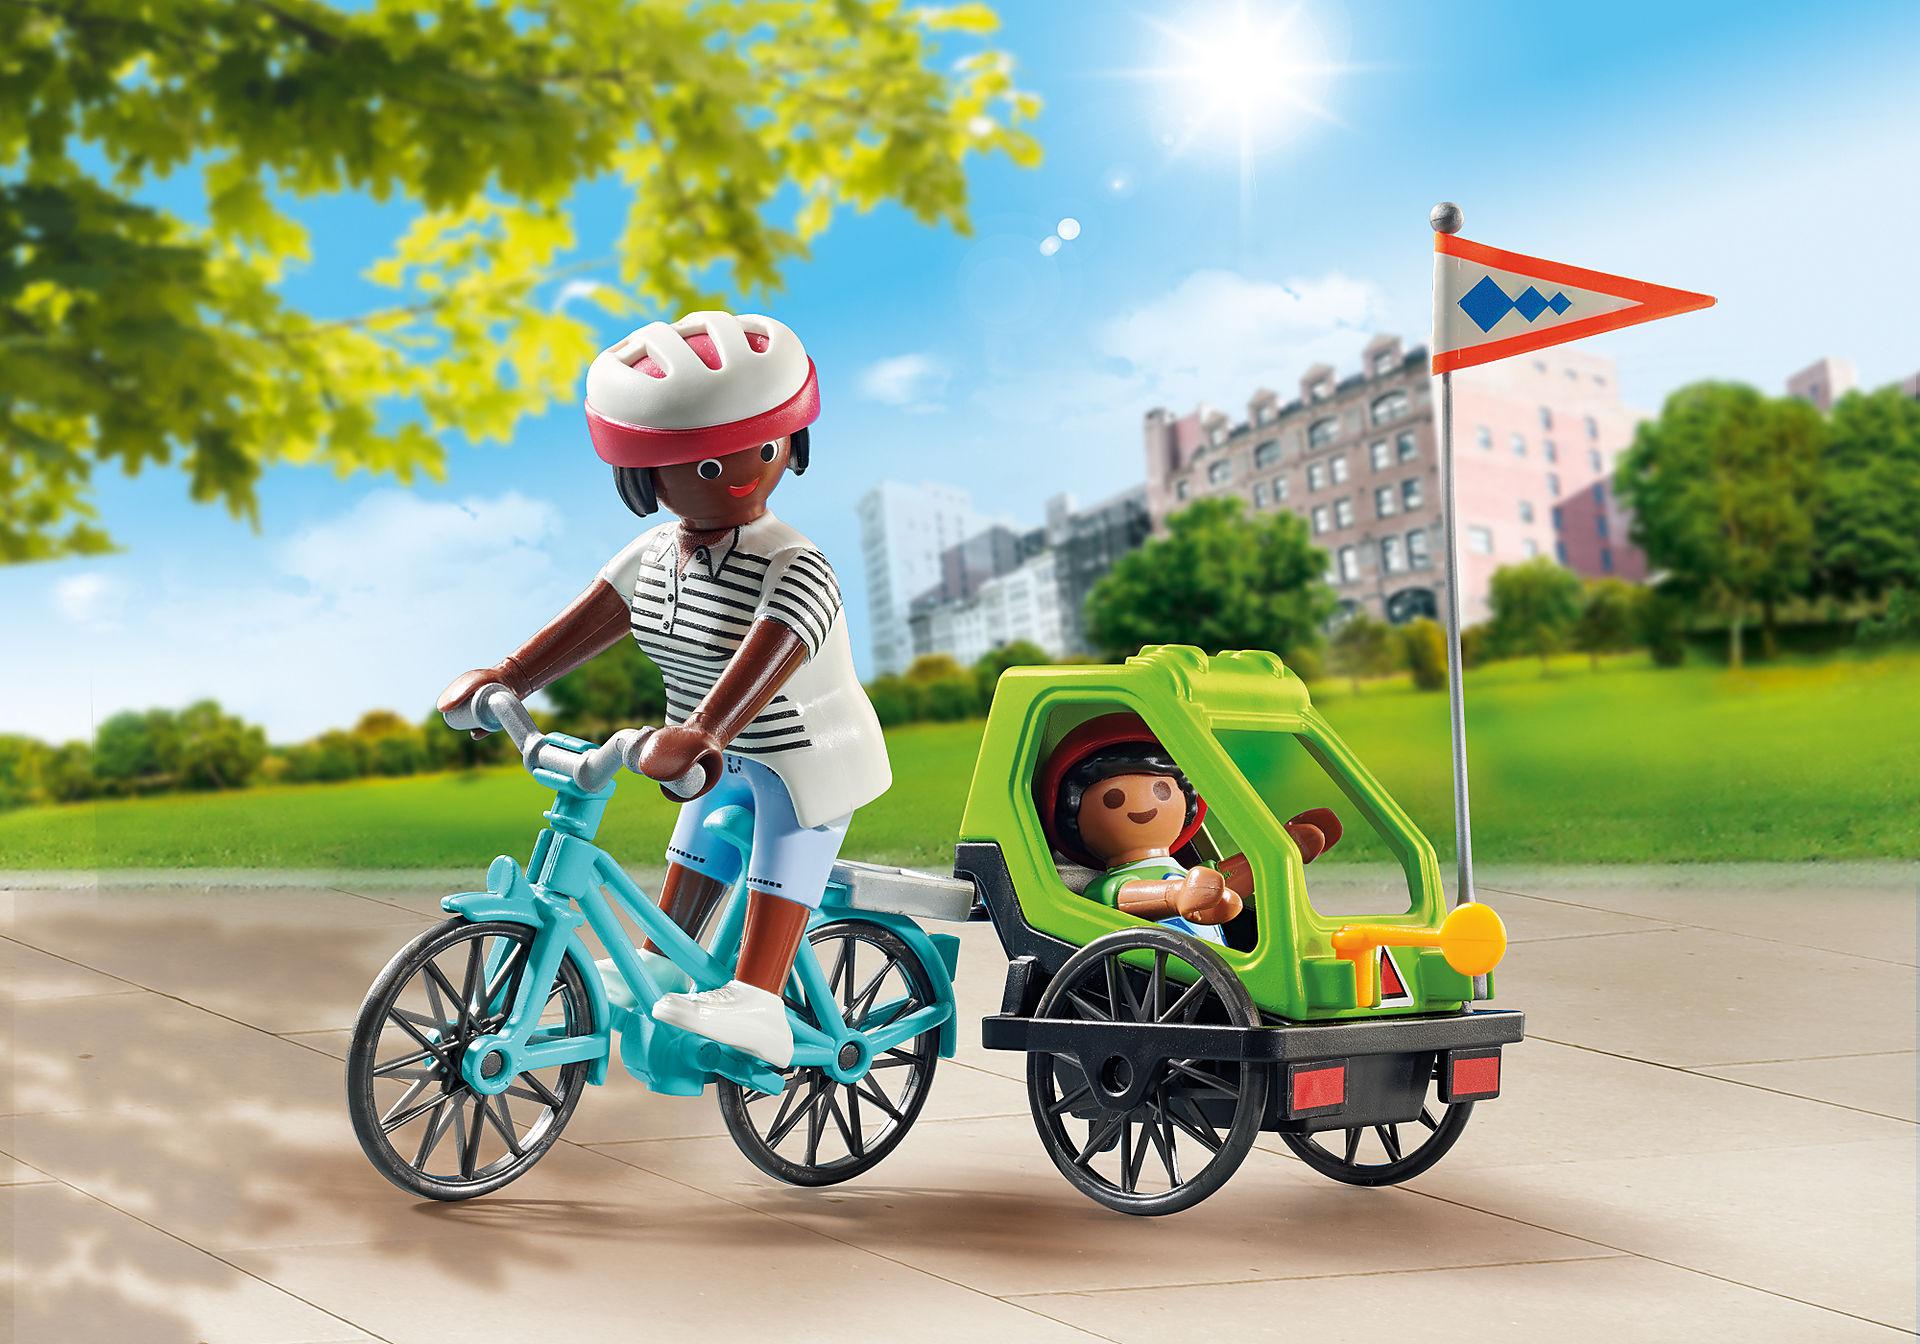 70601 Cyclistes maman et enfant  zoom image1